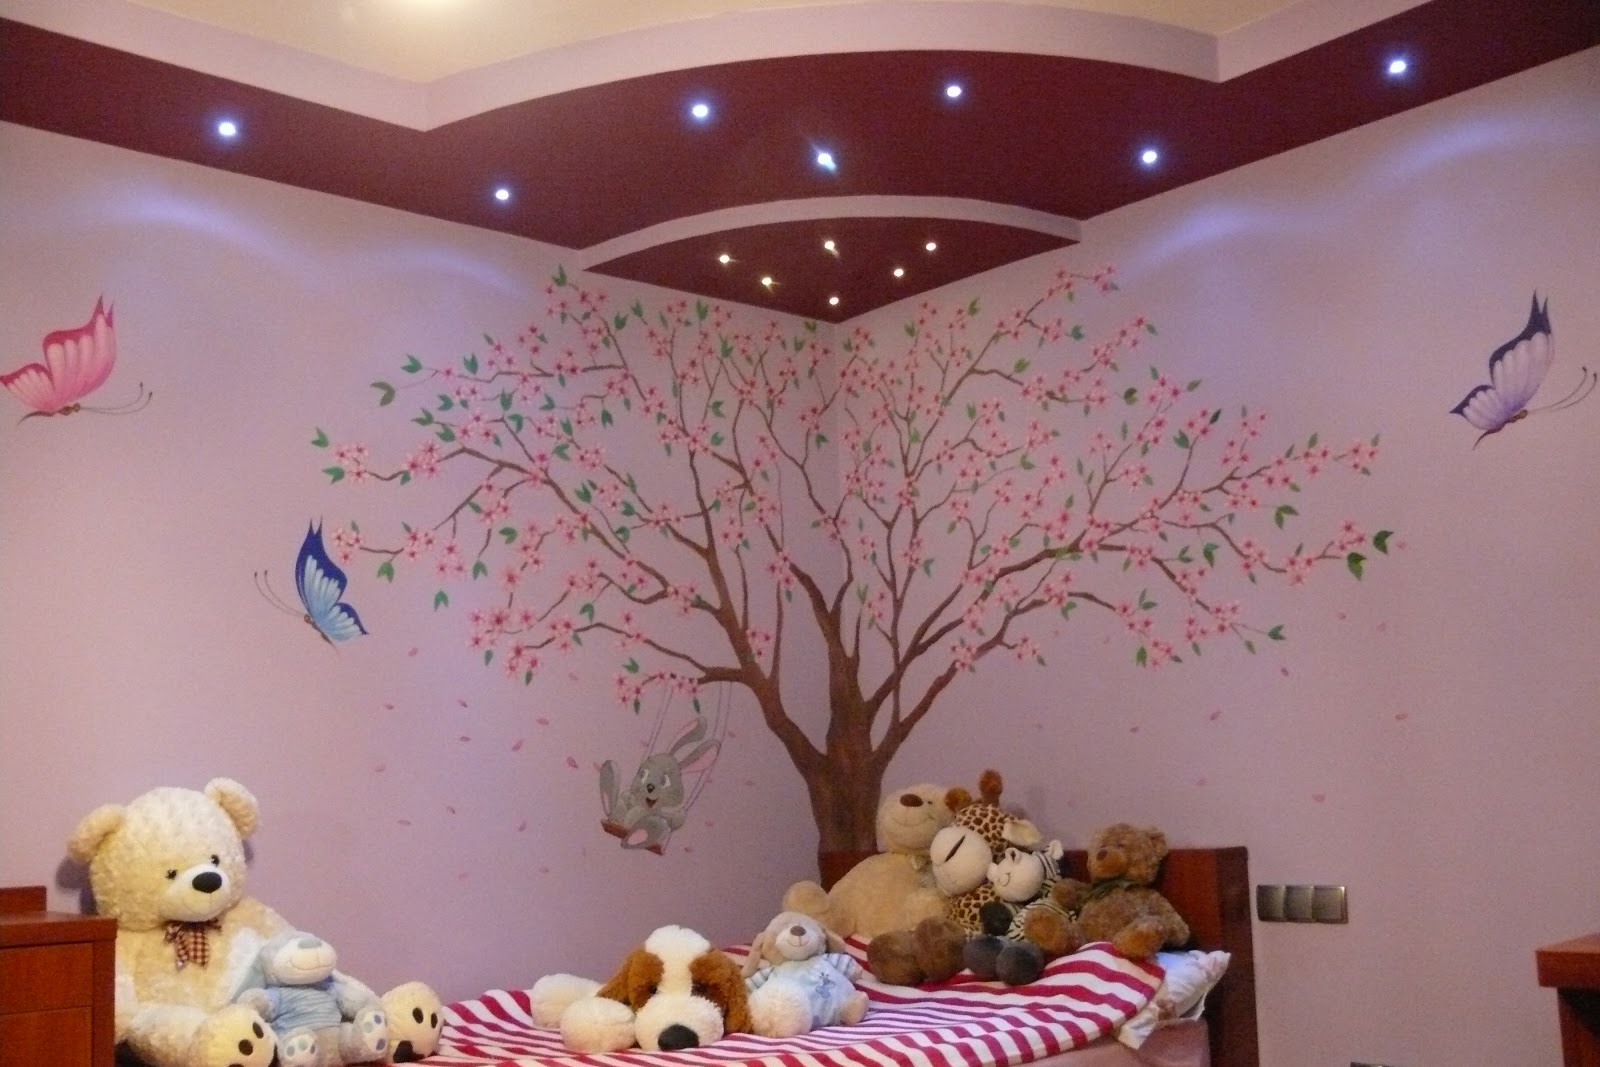 Malowanie drzewa na ścianie w pokoju dziewczynki, malowanie motylków na ścianie w pokoju dziewczynki